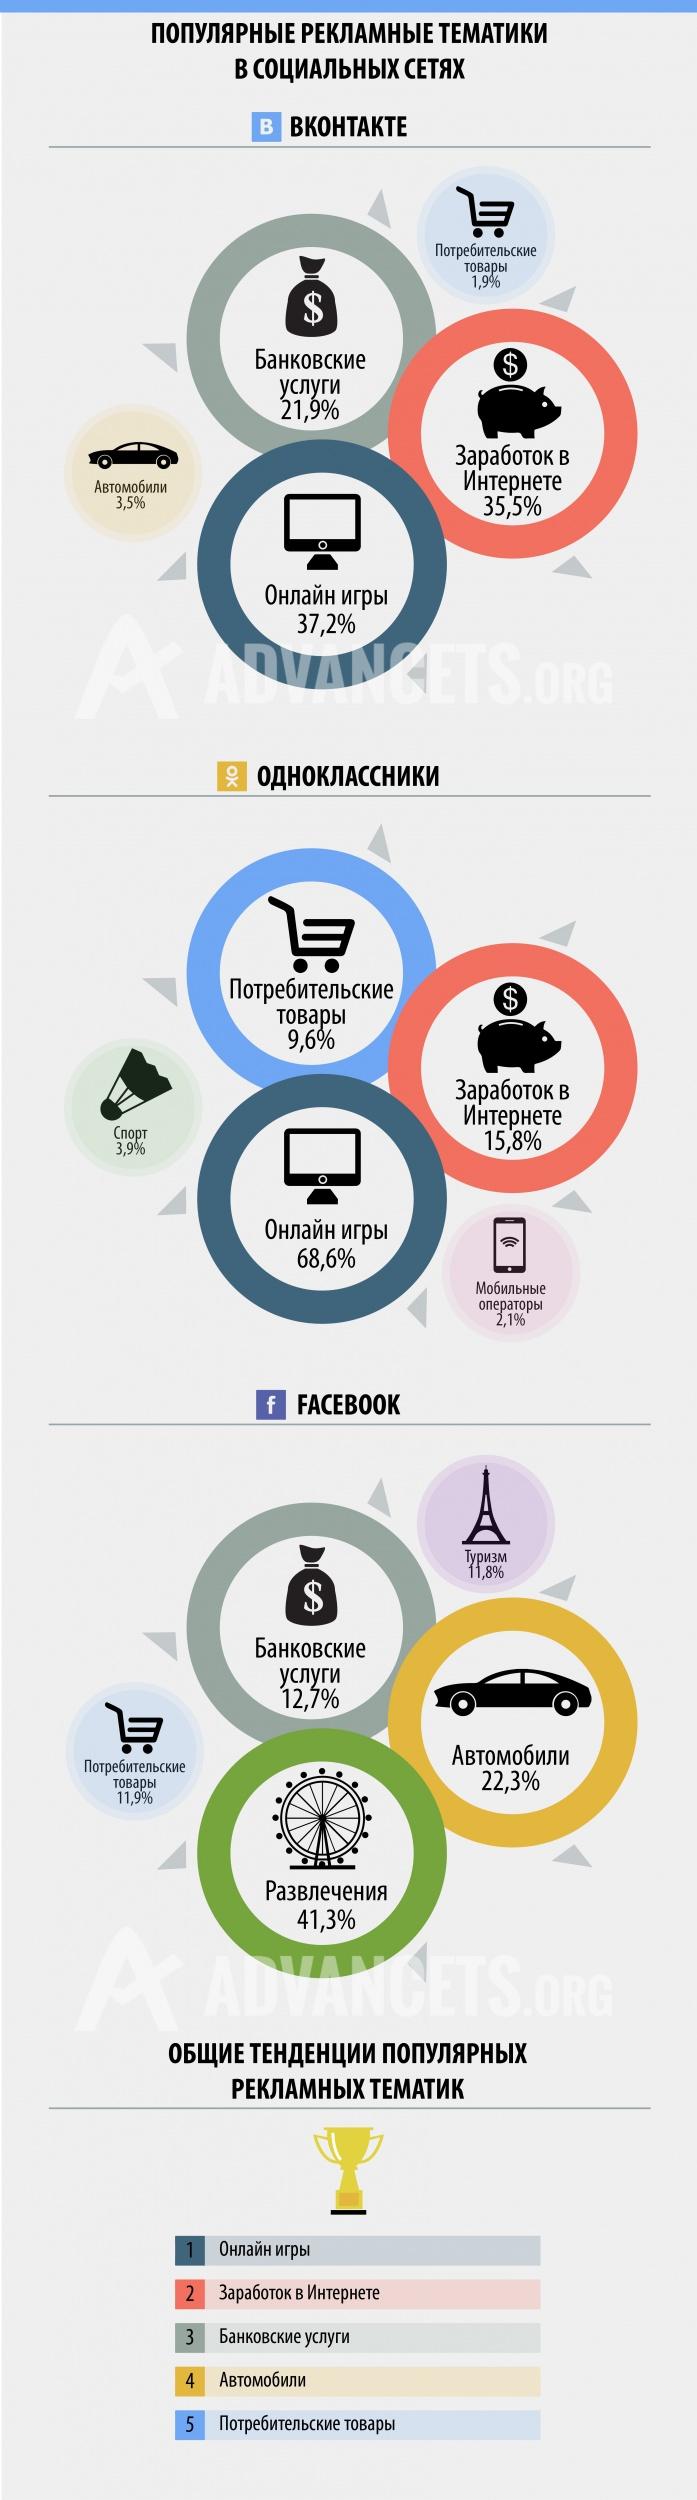 Социальная сеть (The Social Network, 2010) смотреть